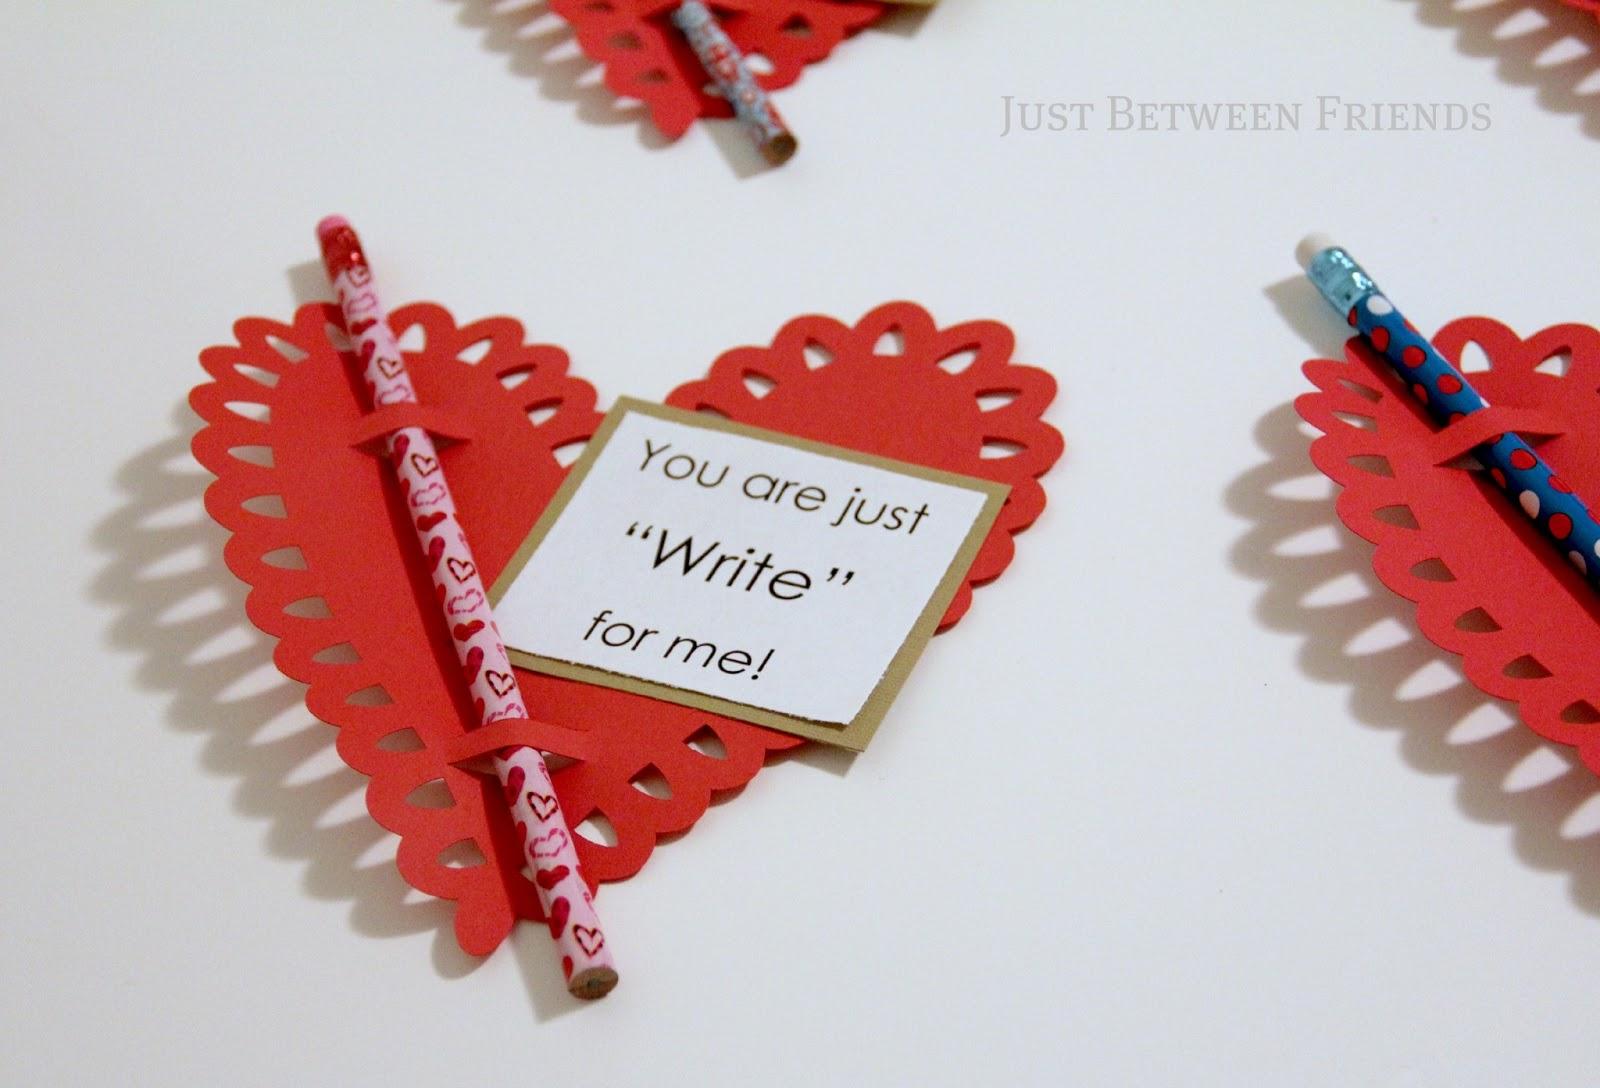 Just Between Friends 10 Diy Valentine Ideas